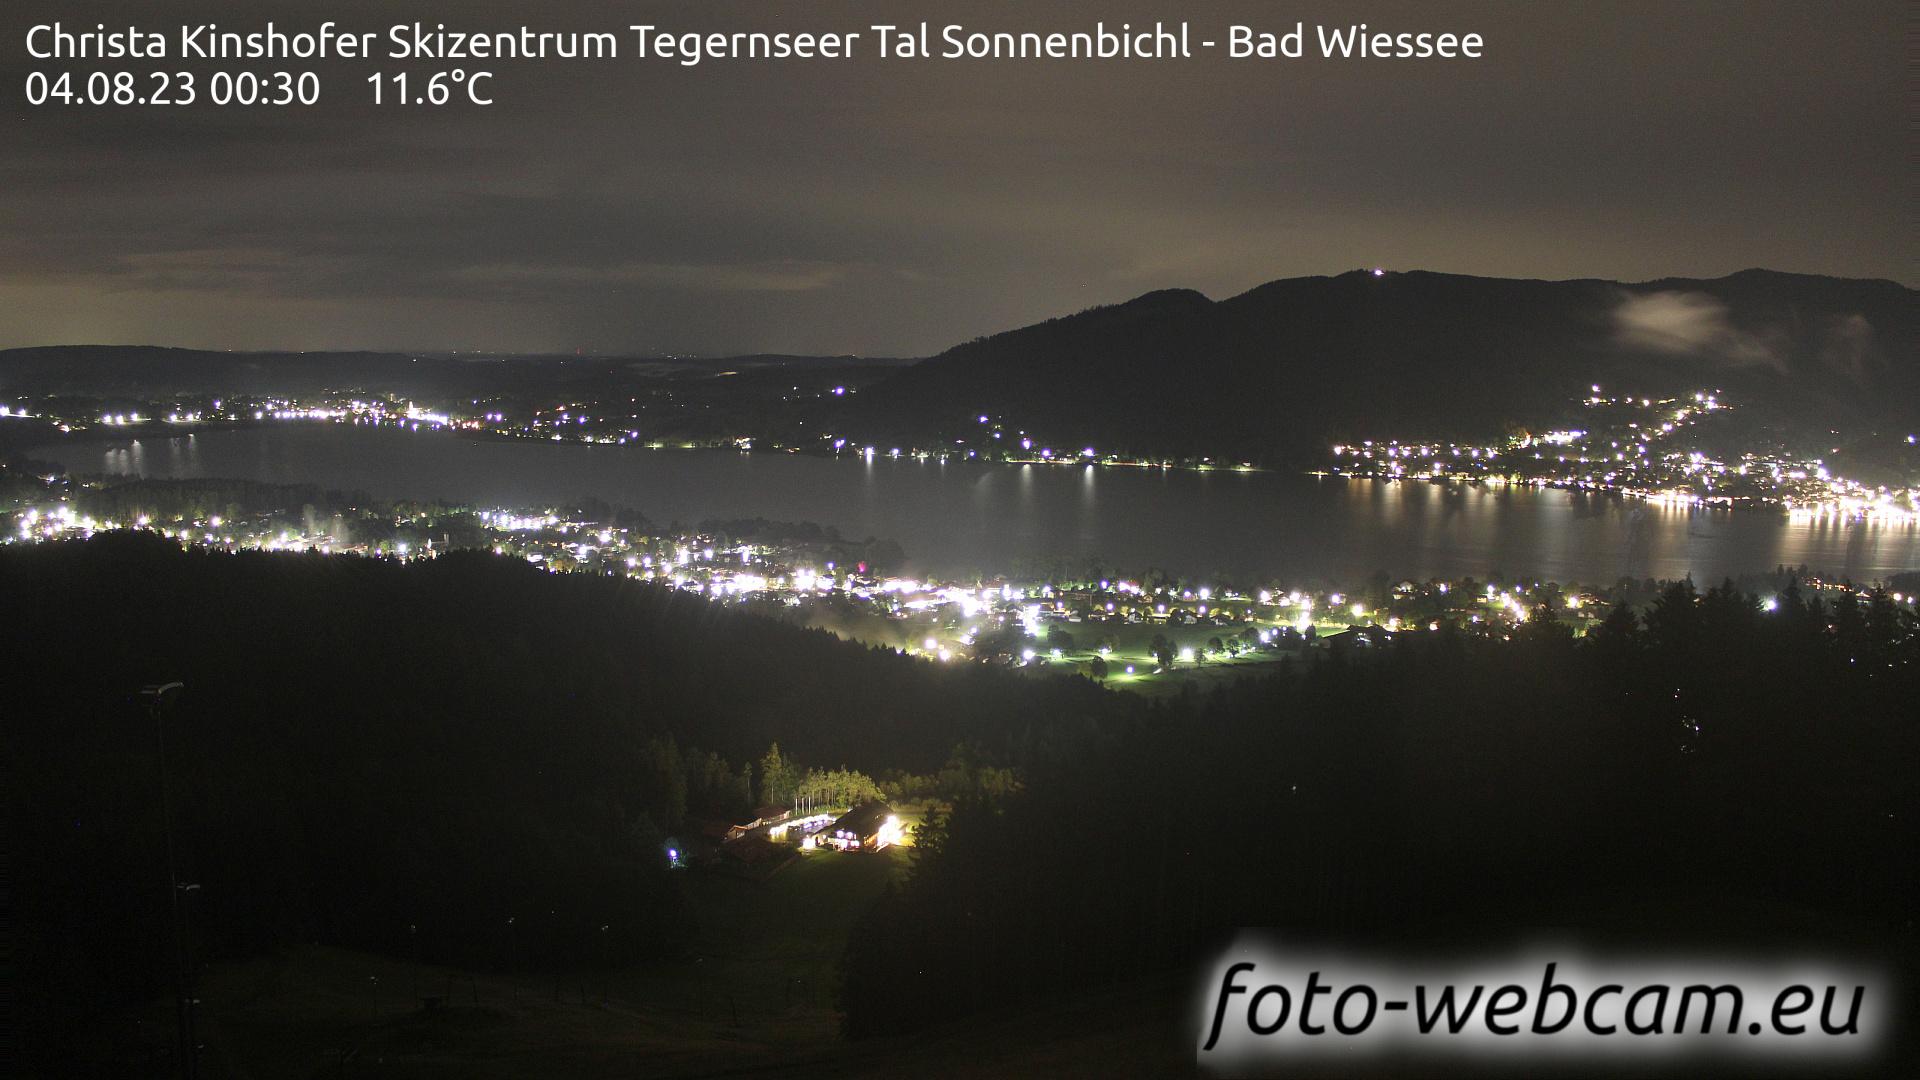 Bad Wiessee Wed. 00:48